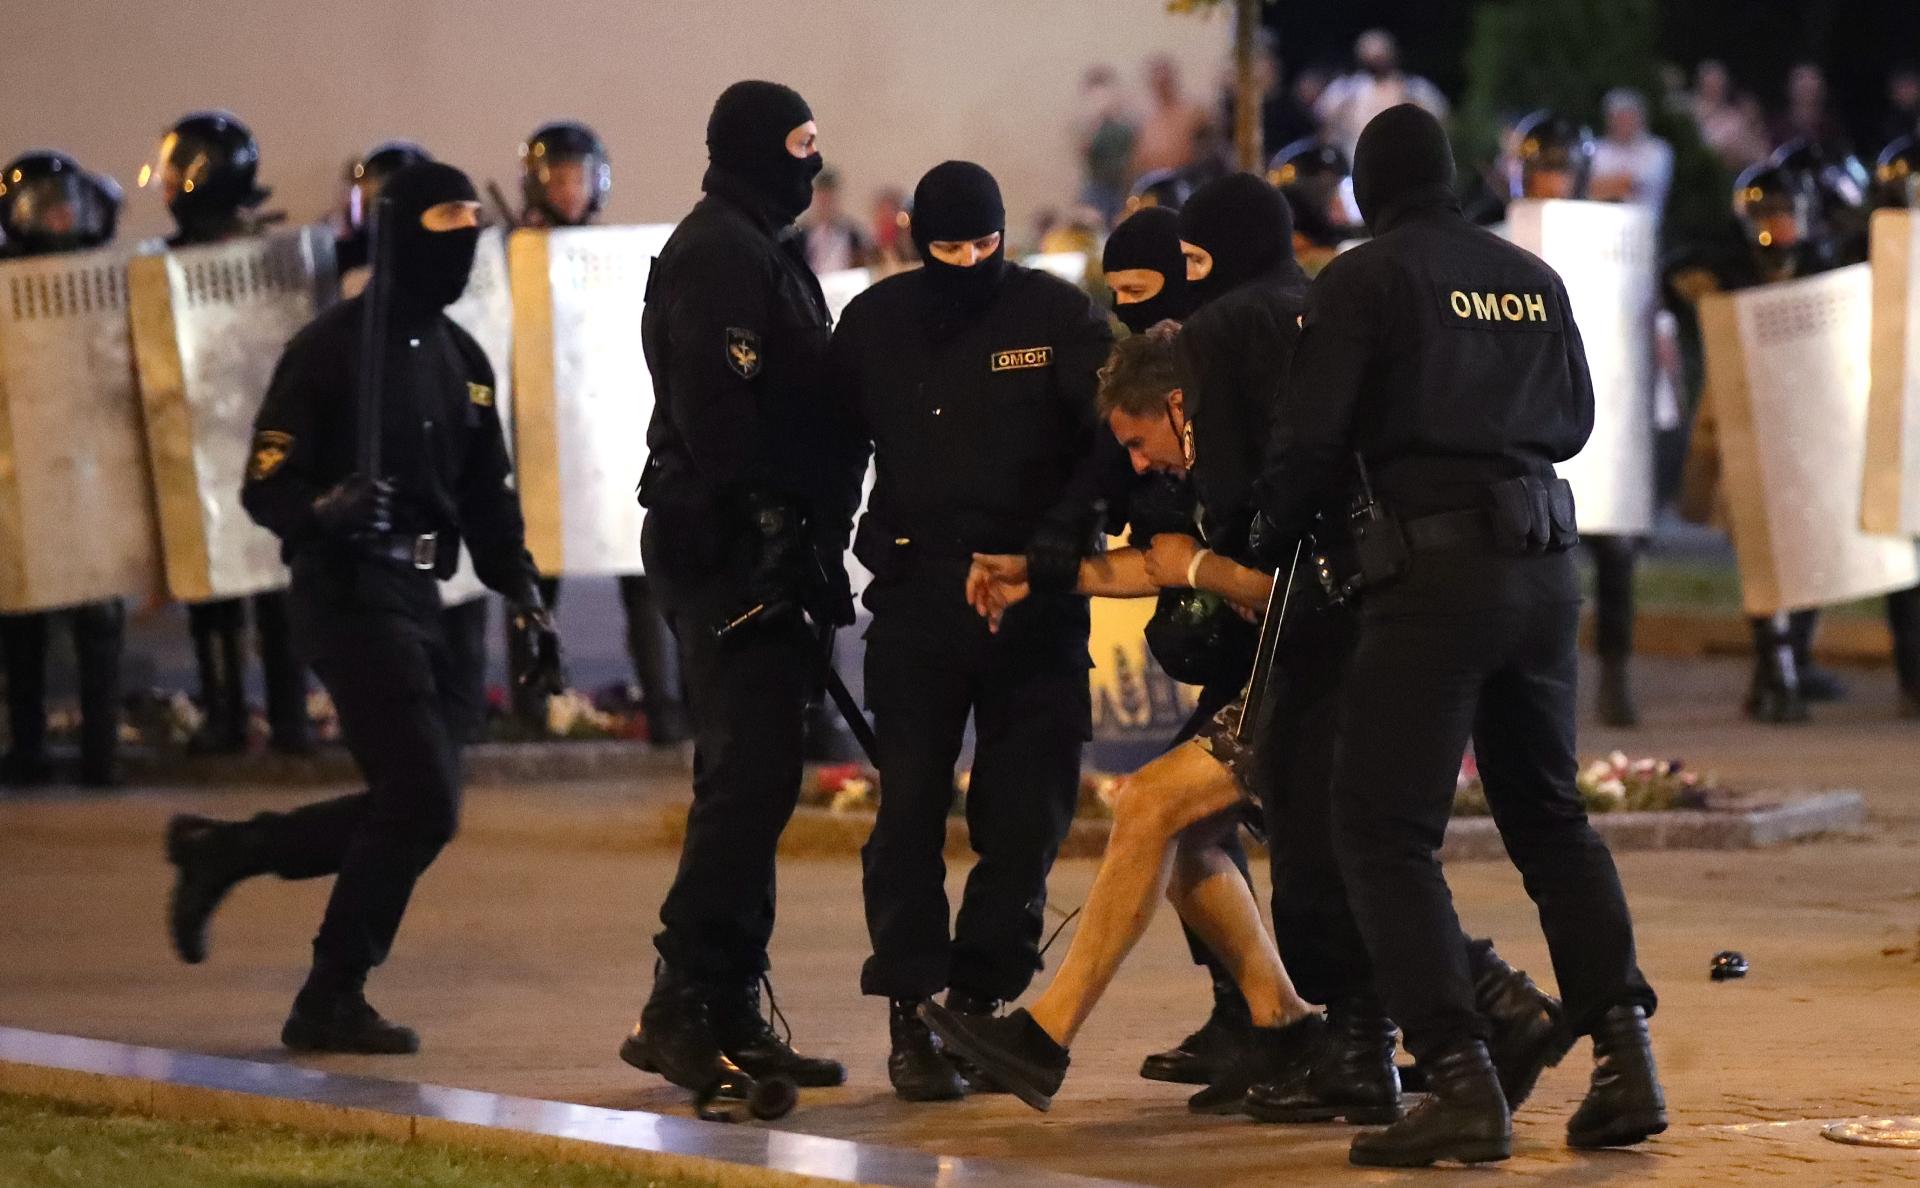 Задержание протестующих в Минске